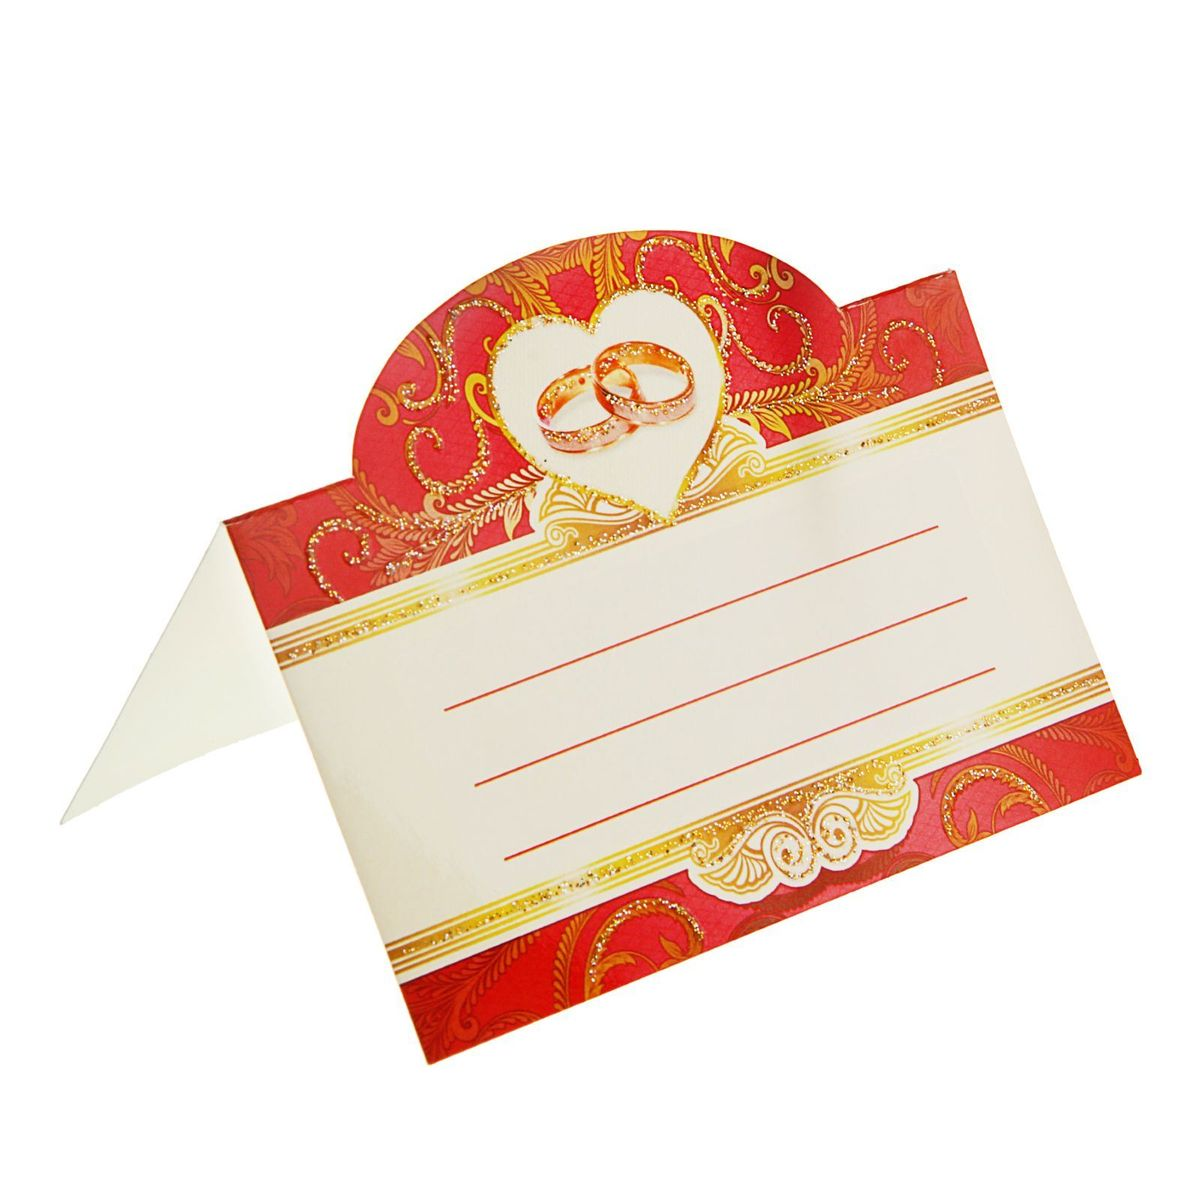 Карточка банкетная Sima-landRSP-202SКрасиво оформленный свадебный стол - это эффектное, неординарное и очень значимое обрамление для проведения любого запланированного вами торжества. Банкетная карточка Sima-land - это красивое и оригинальное украшение зала, которое дополнит выдержанный стиль мероприятия и передаст праздничное настроение вам и вашим гостям.